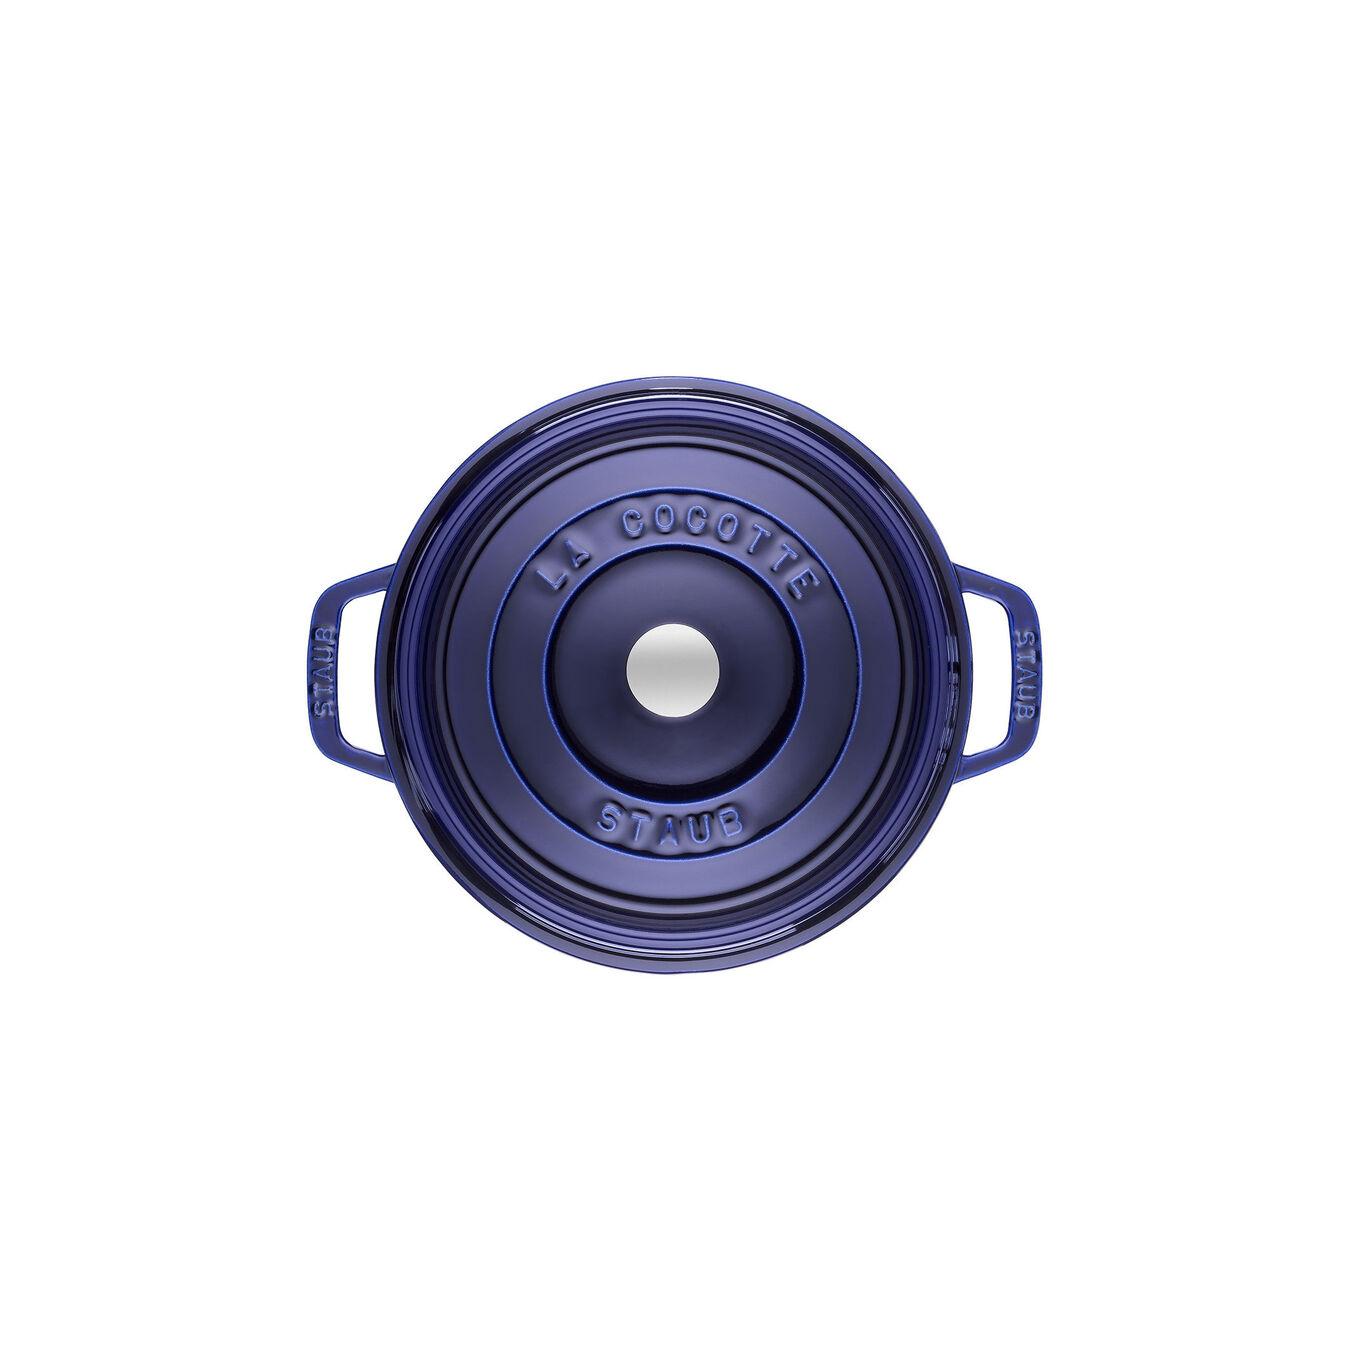 Cocotte 22 cm, Rond(e), Bleu intense, Fonte,,large 2